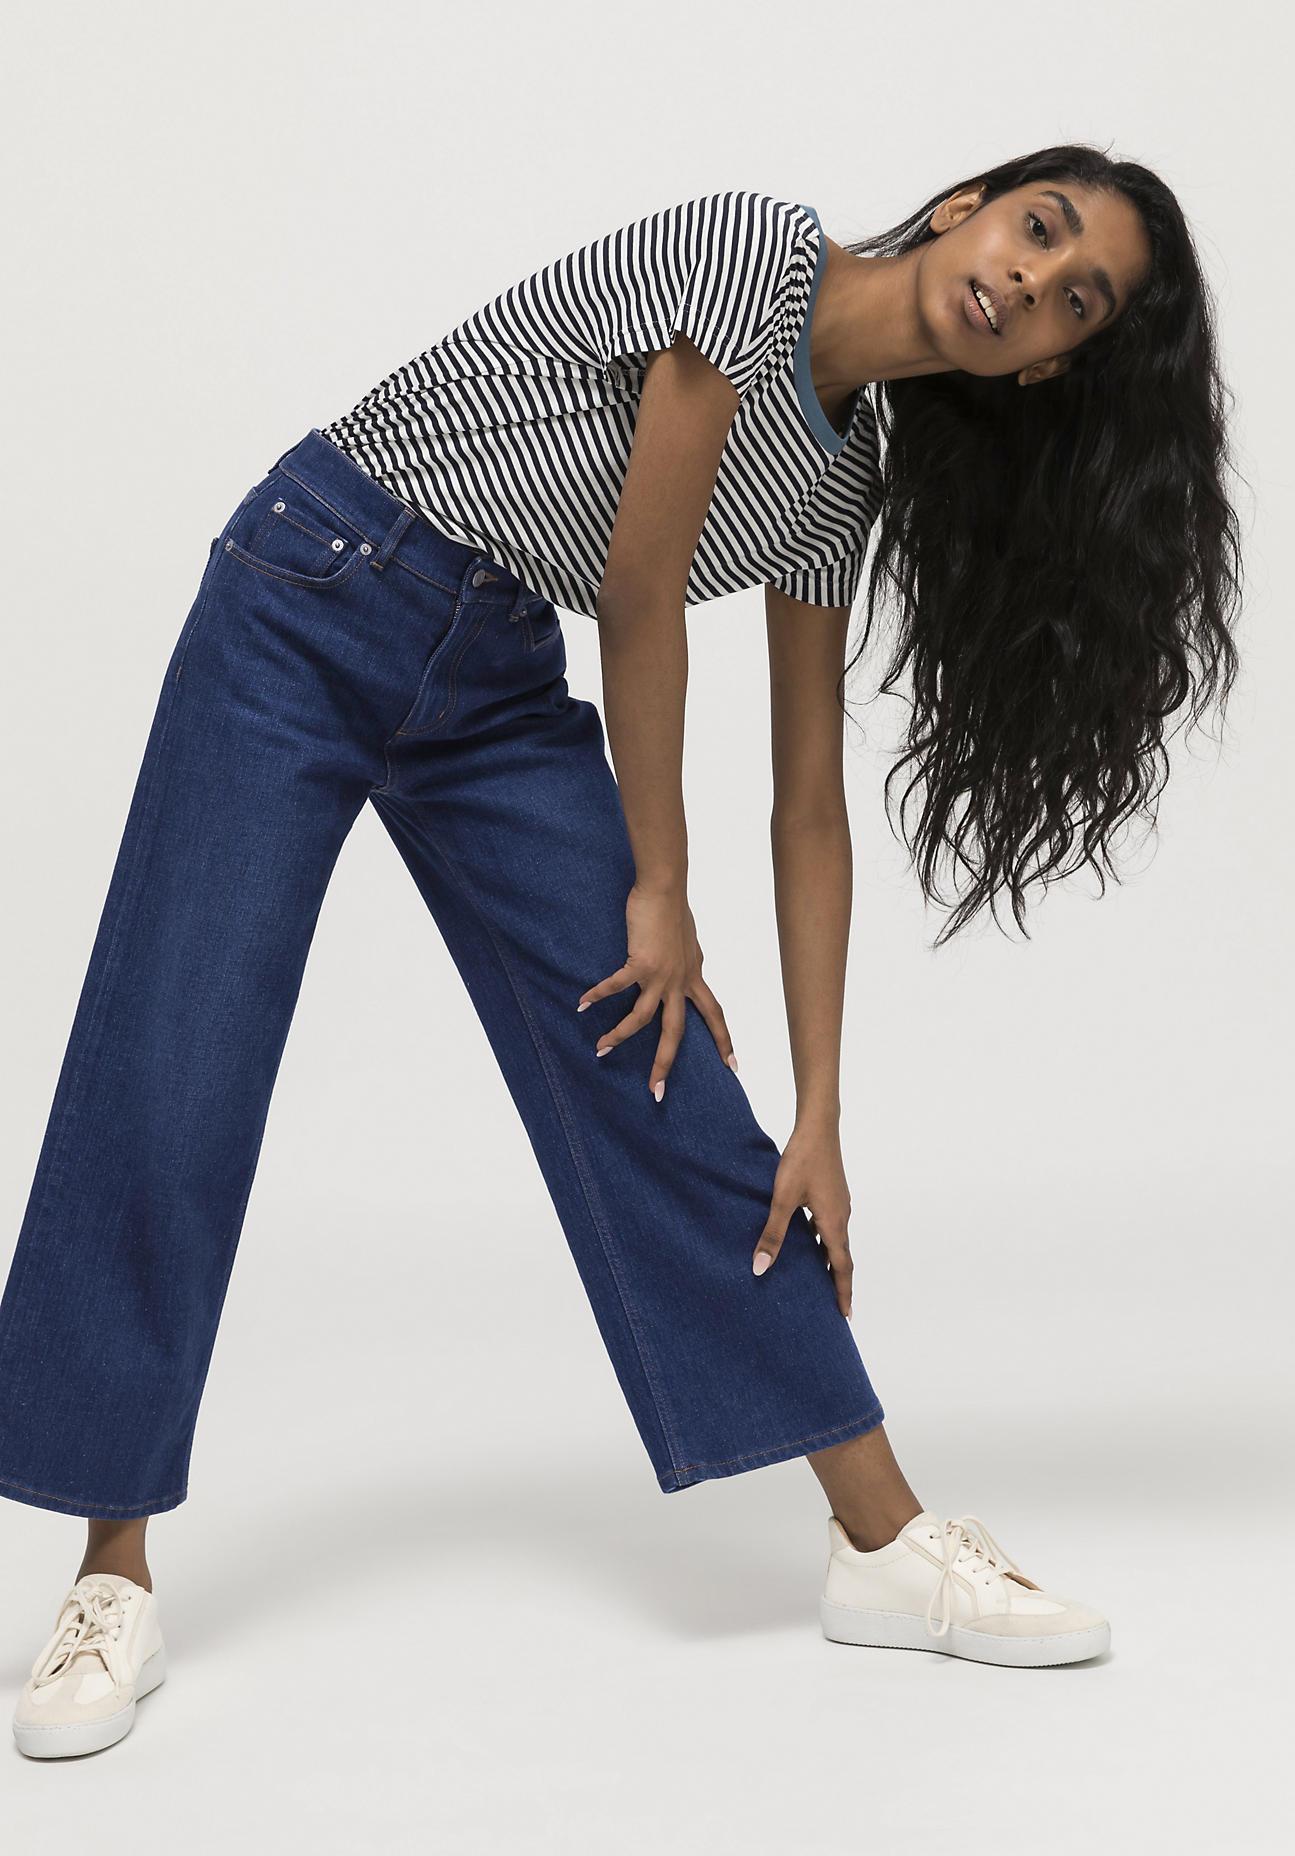 hessnatur Damen Jeans - medium blue Größe 31/29